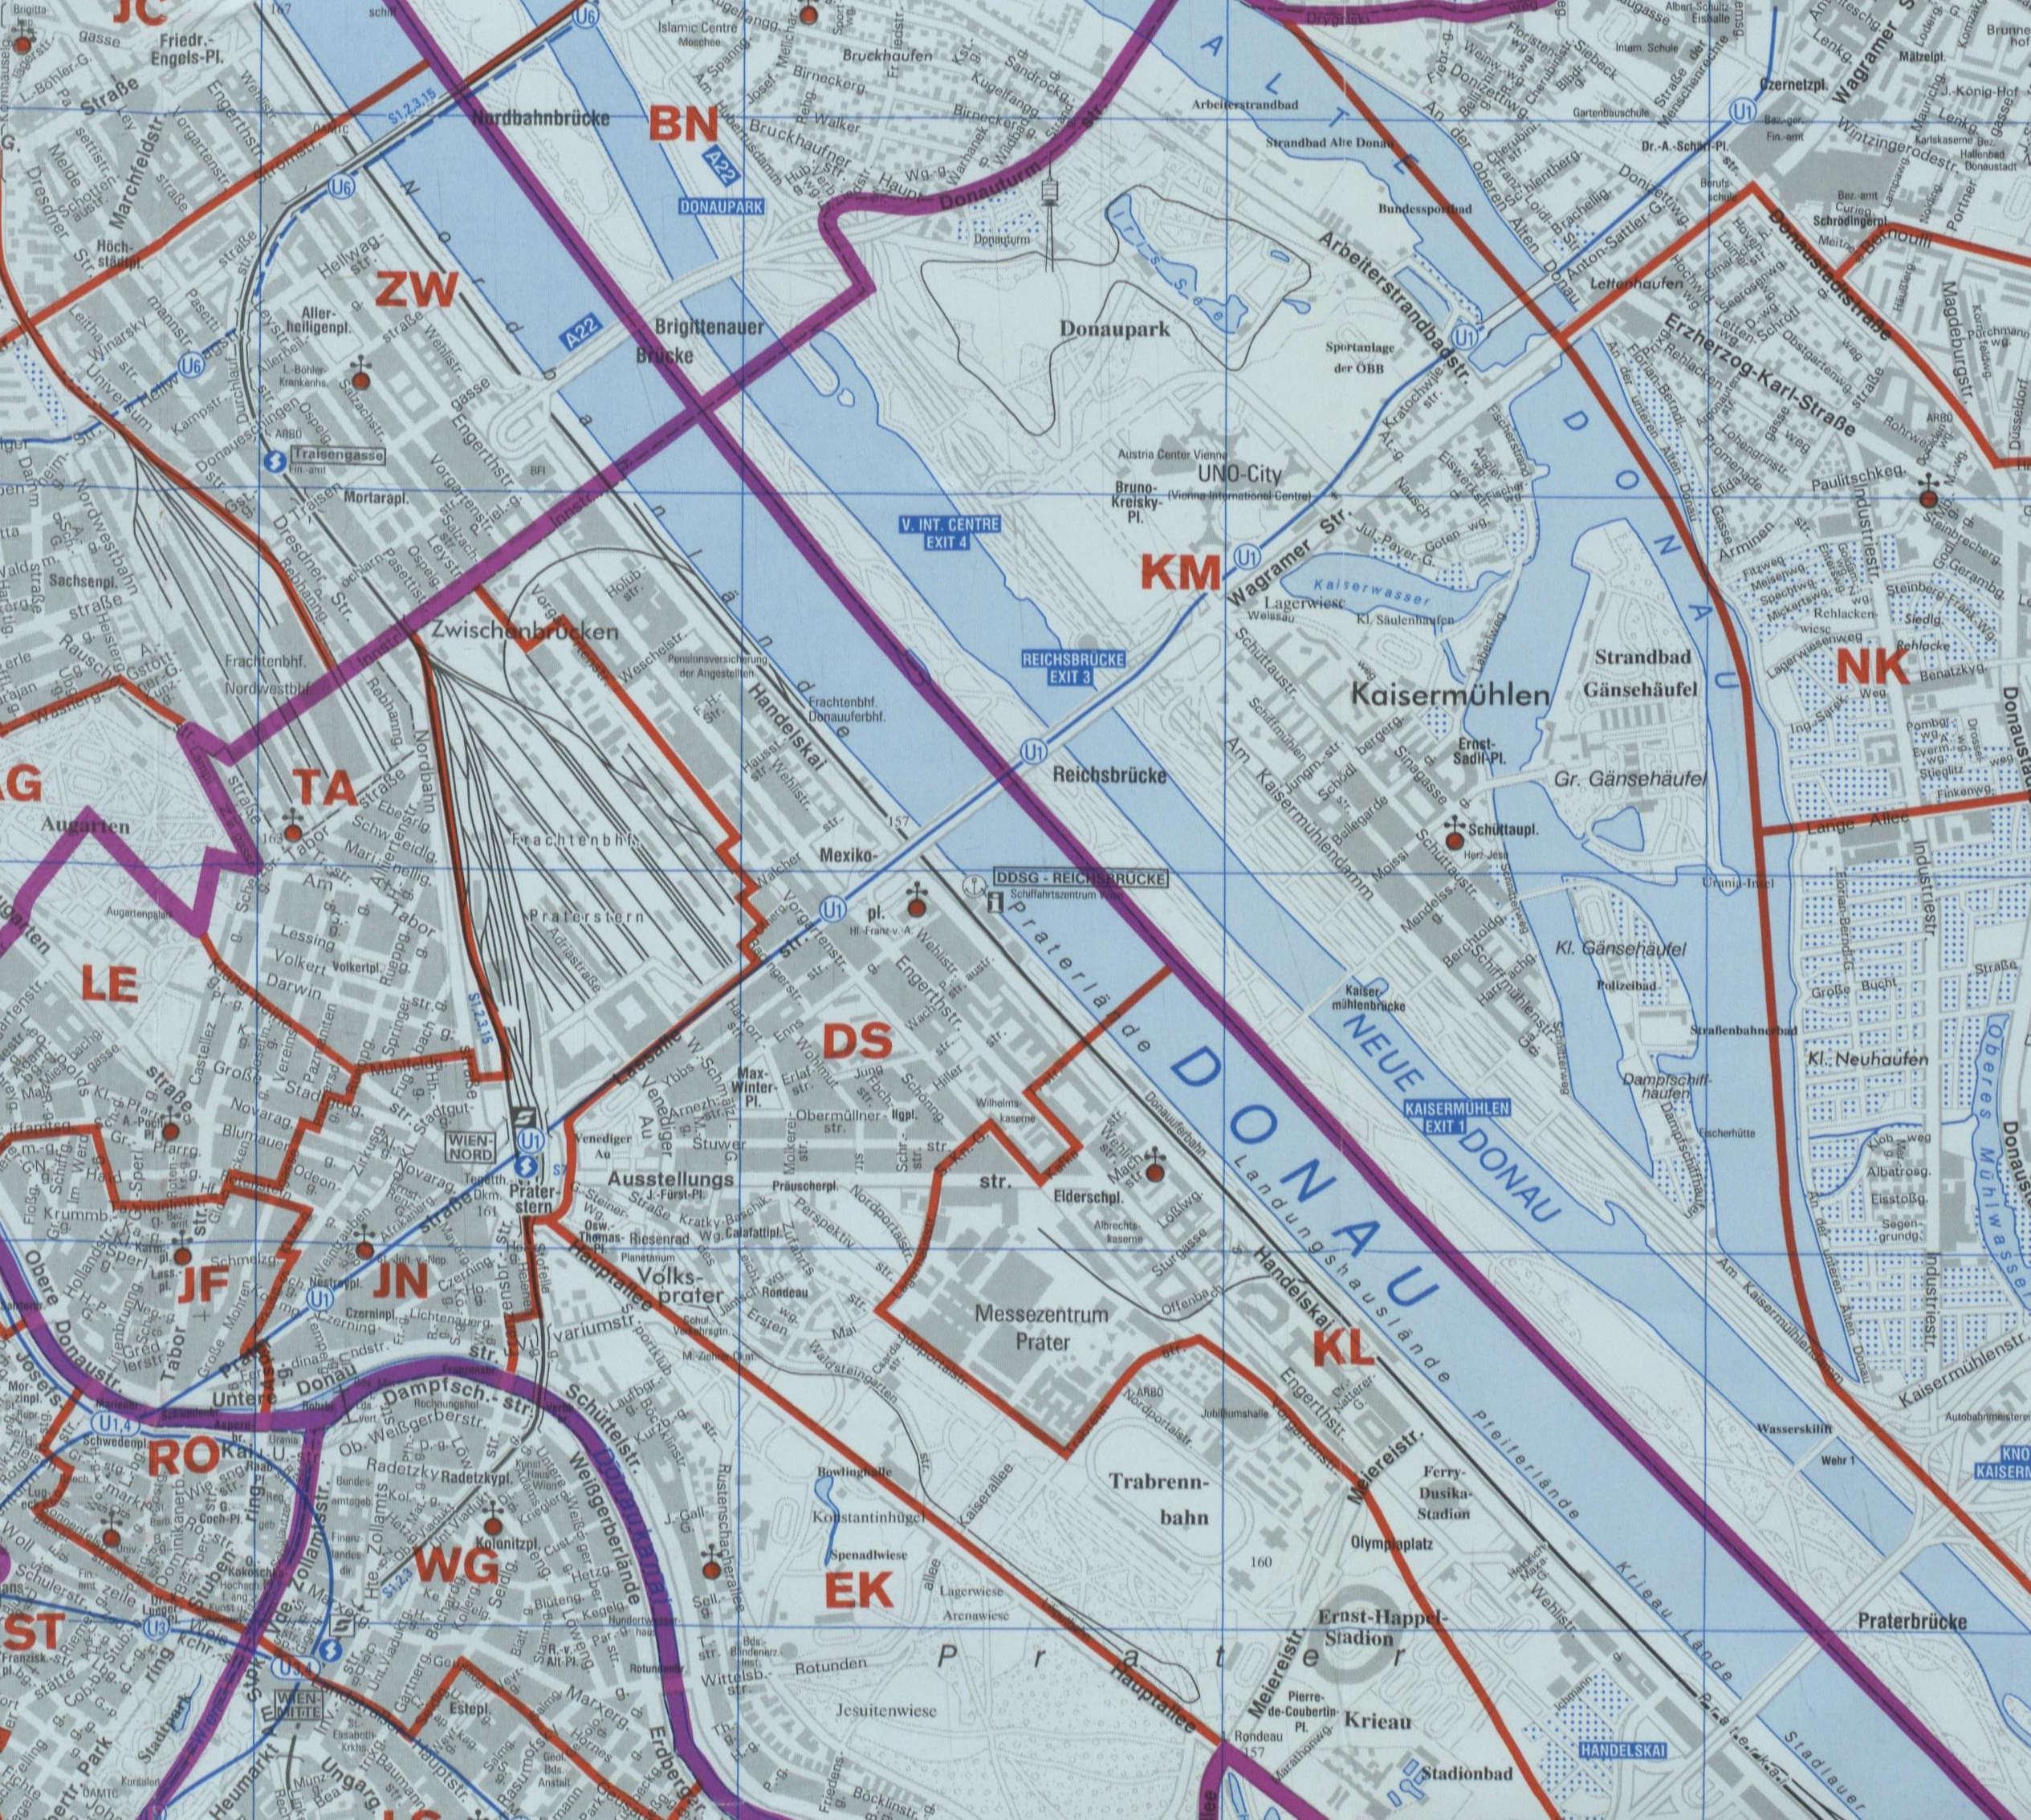 Karte Wien Niederosterreich.22 Kaisermuehlen Wien Rk Erzdiozese Ostl